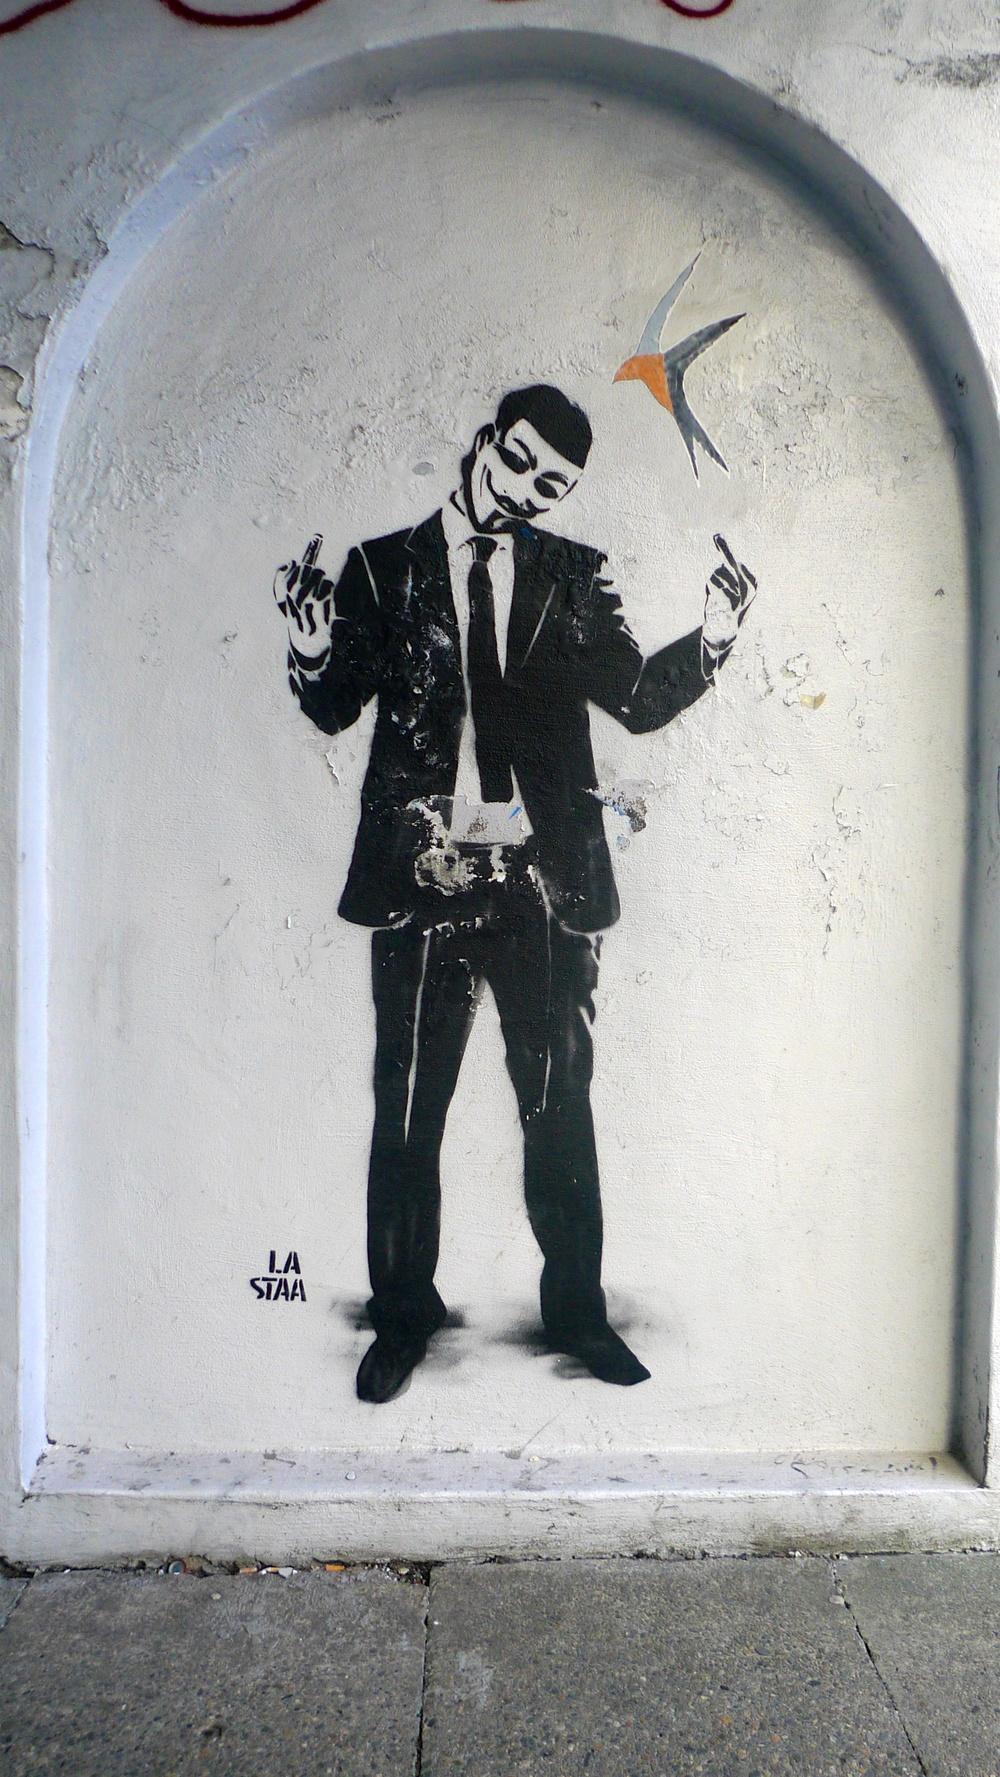 Anonymous_La_Staa